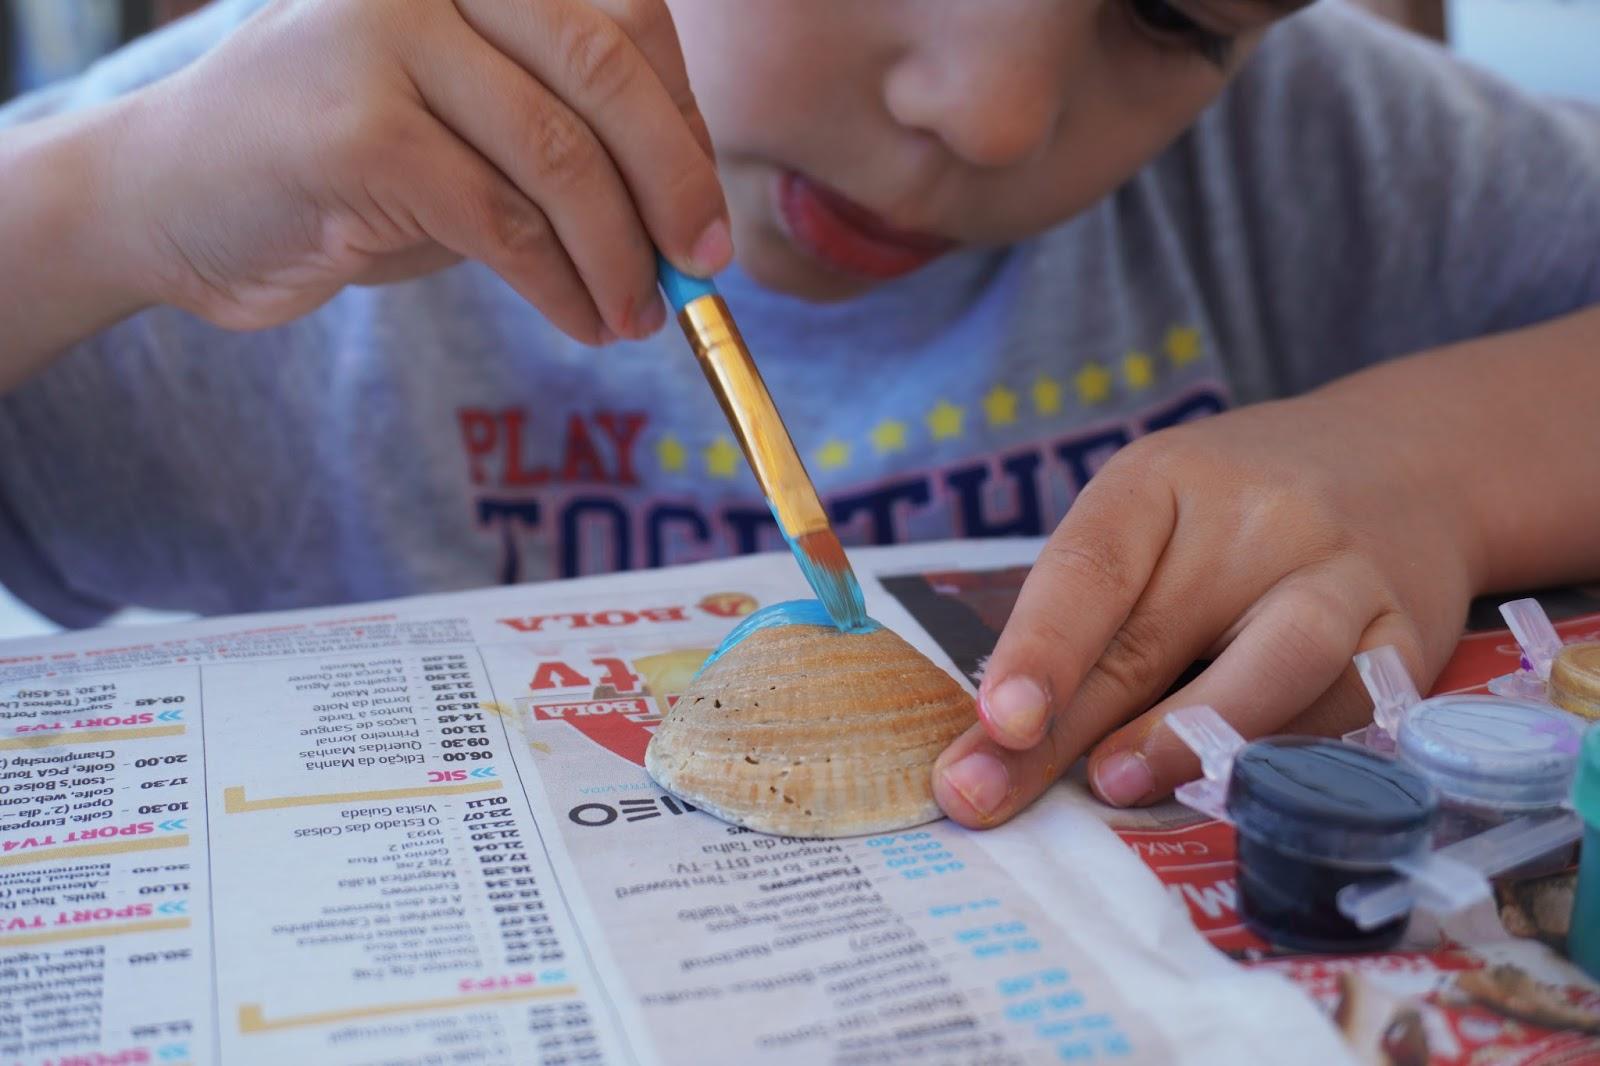 Sugestões-atividades-criativas-crianças